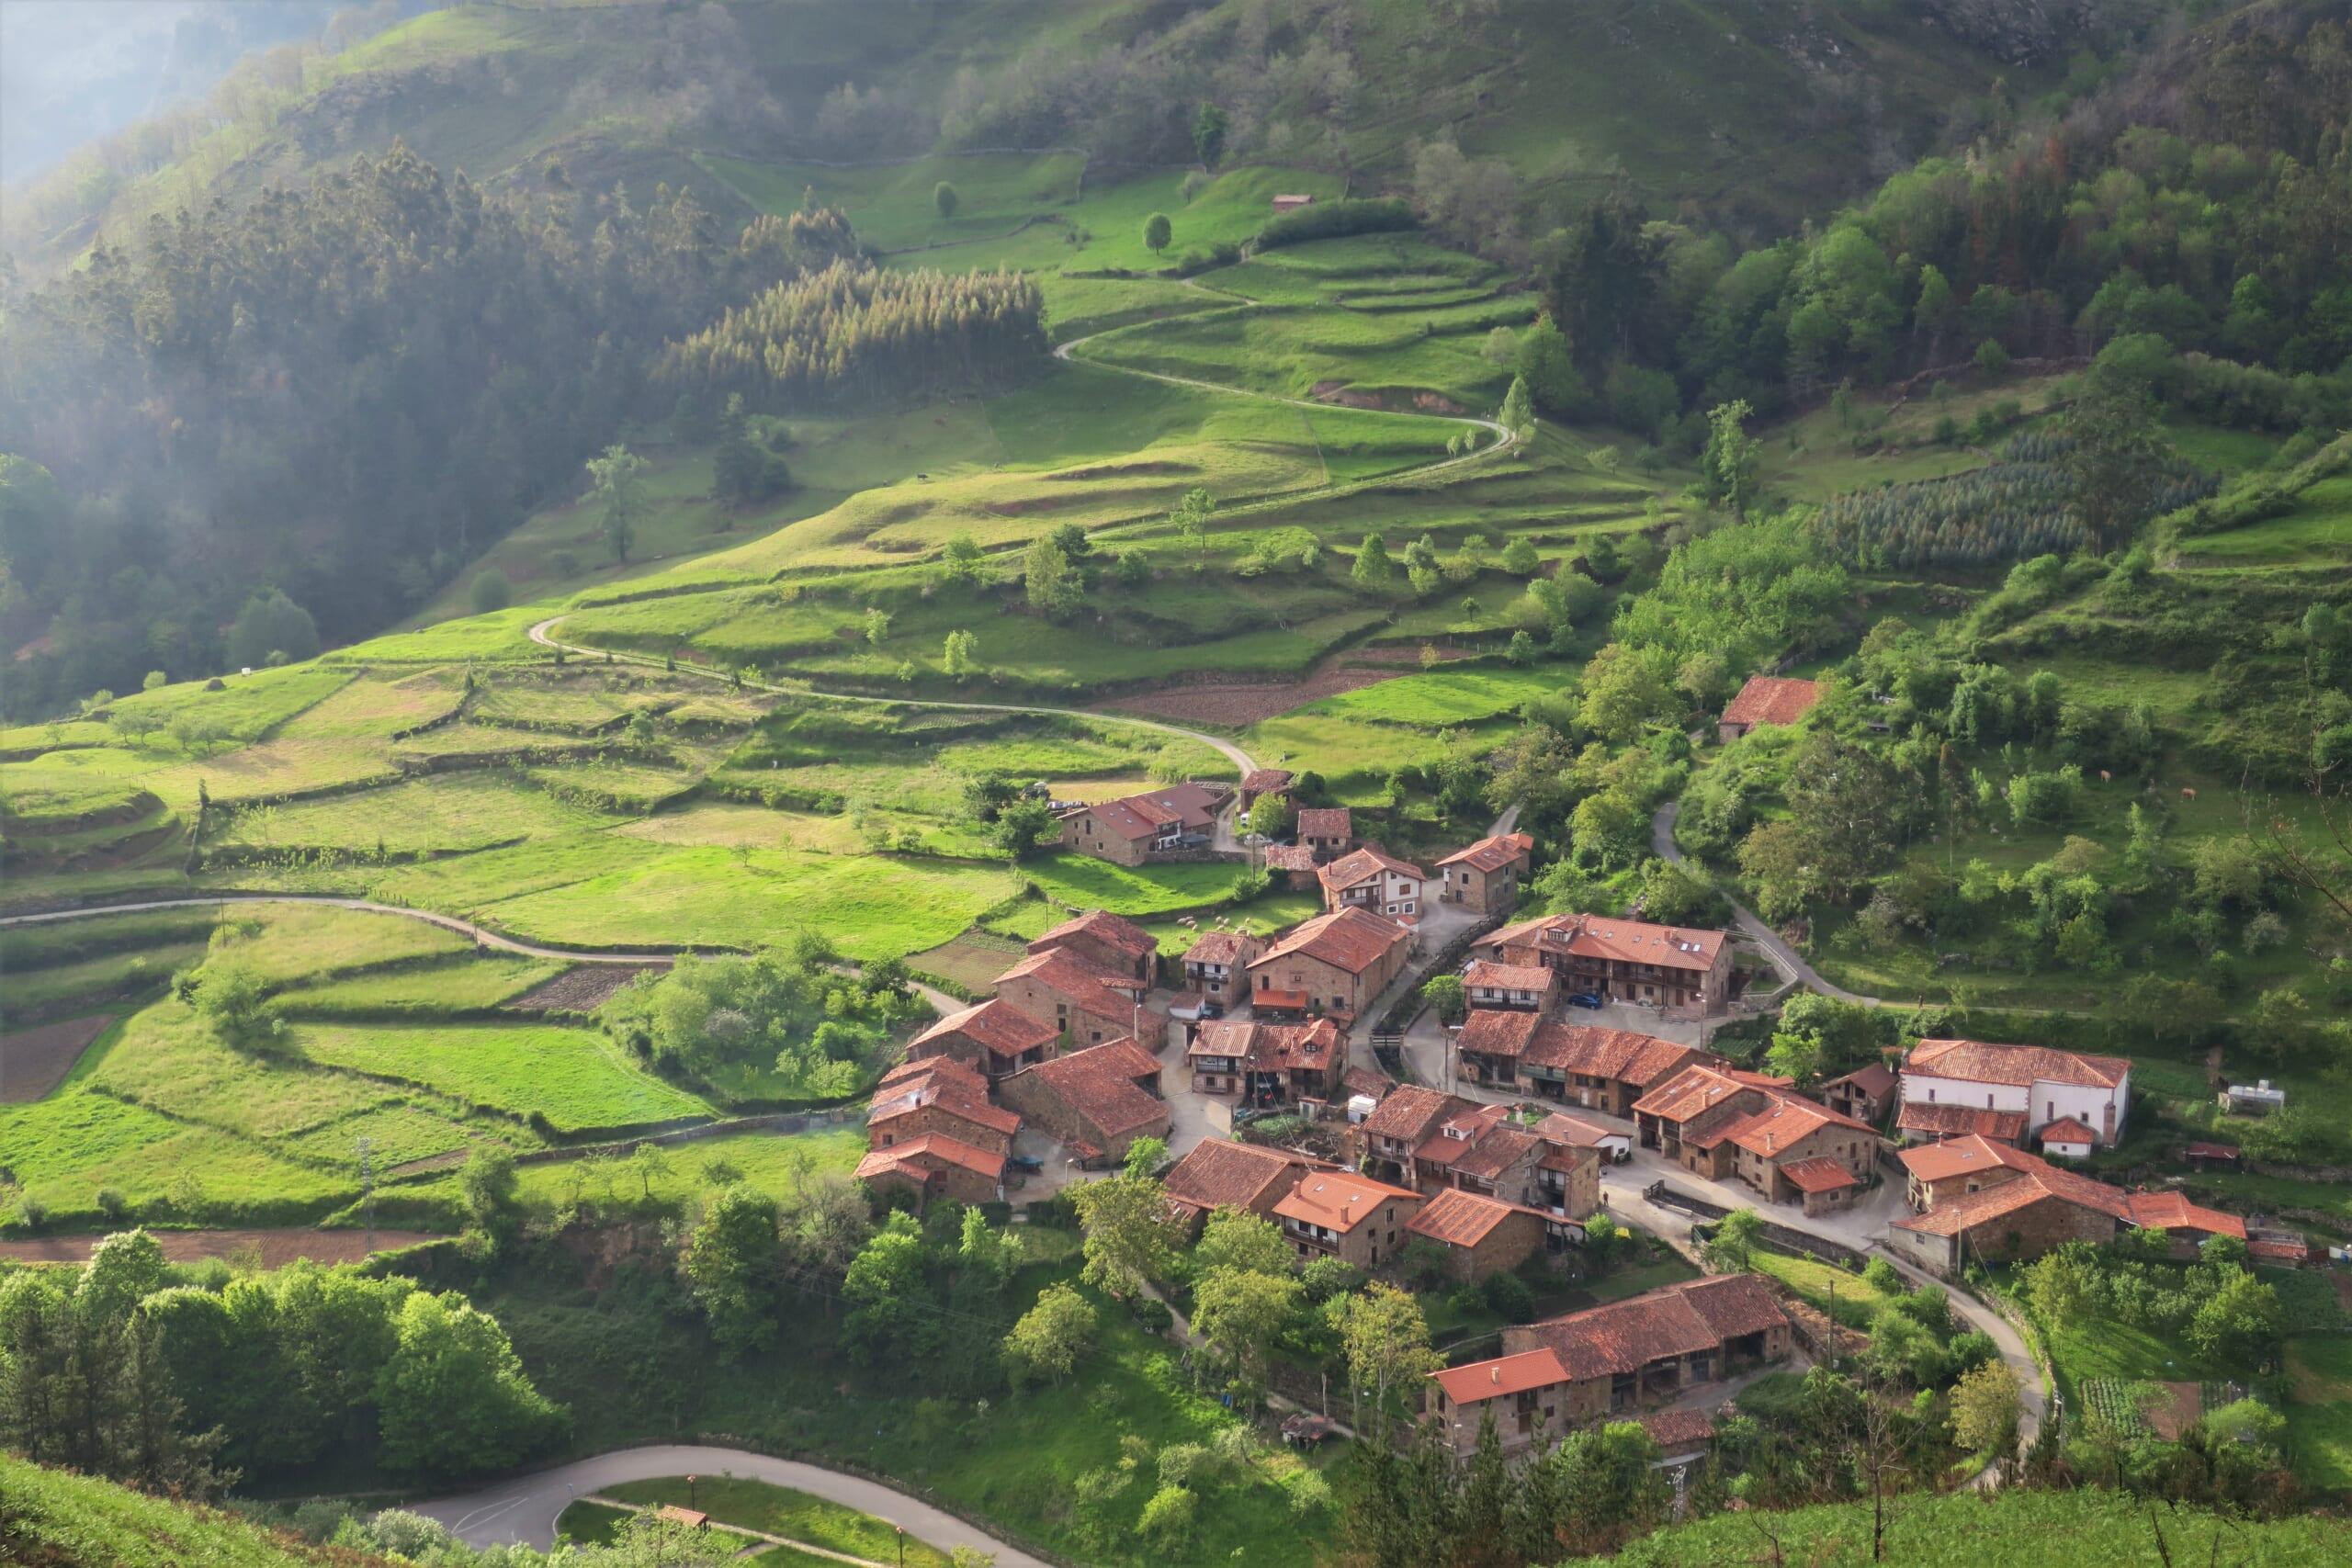 北スペインの観光地であるカンタブリアの村